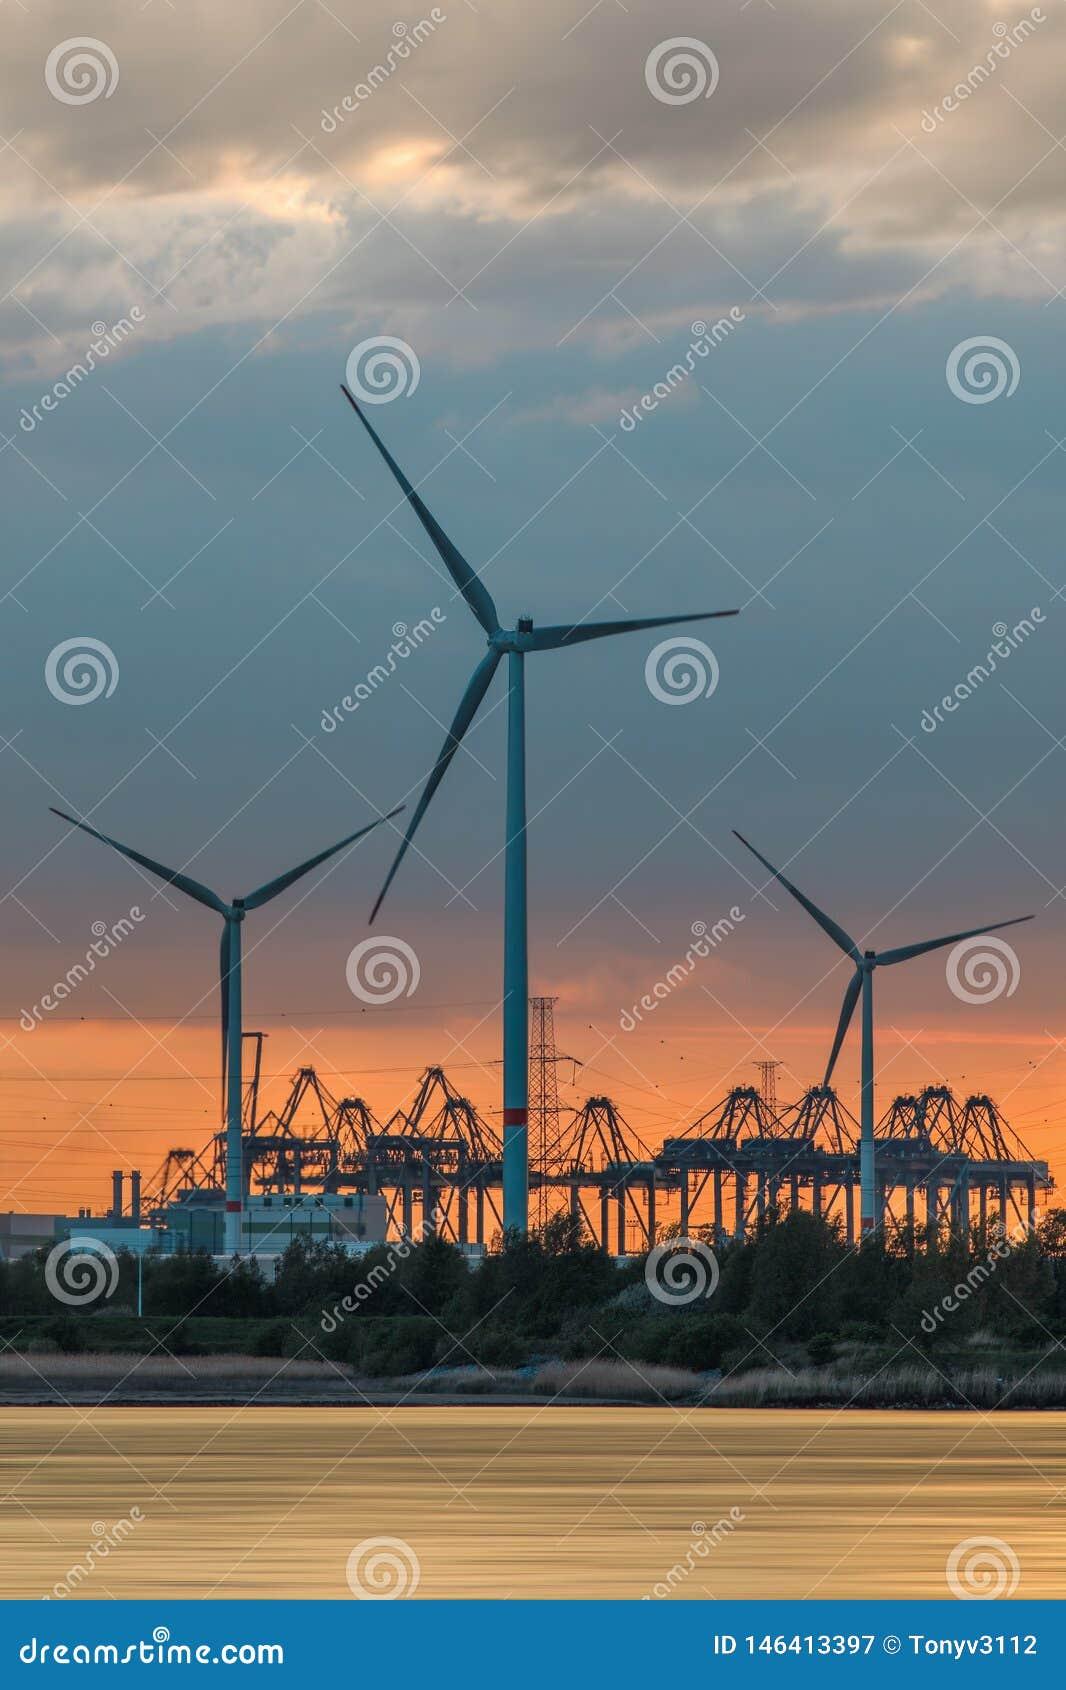 Rive avec de grands moulins à vent et silhouettes des grues de conteneur pendant le coucher du soleil, port d Anvers